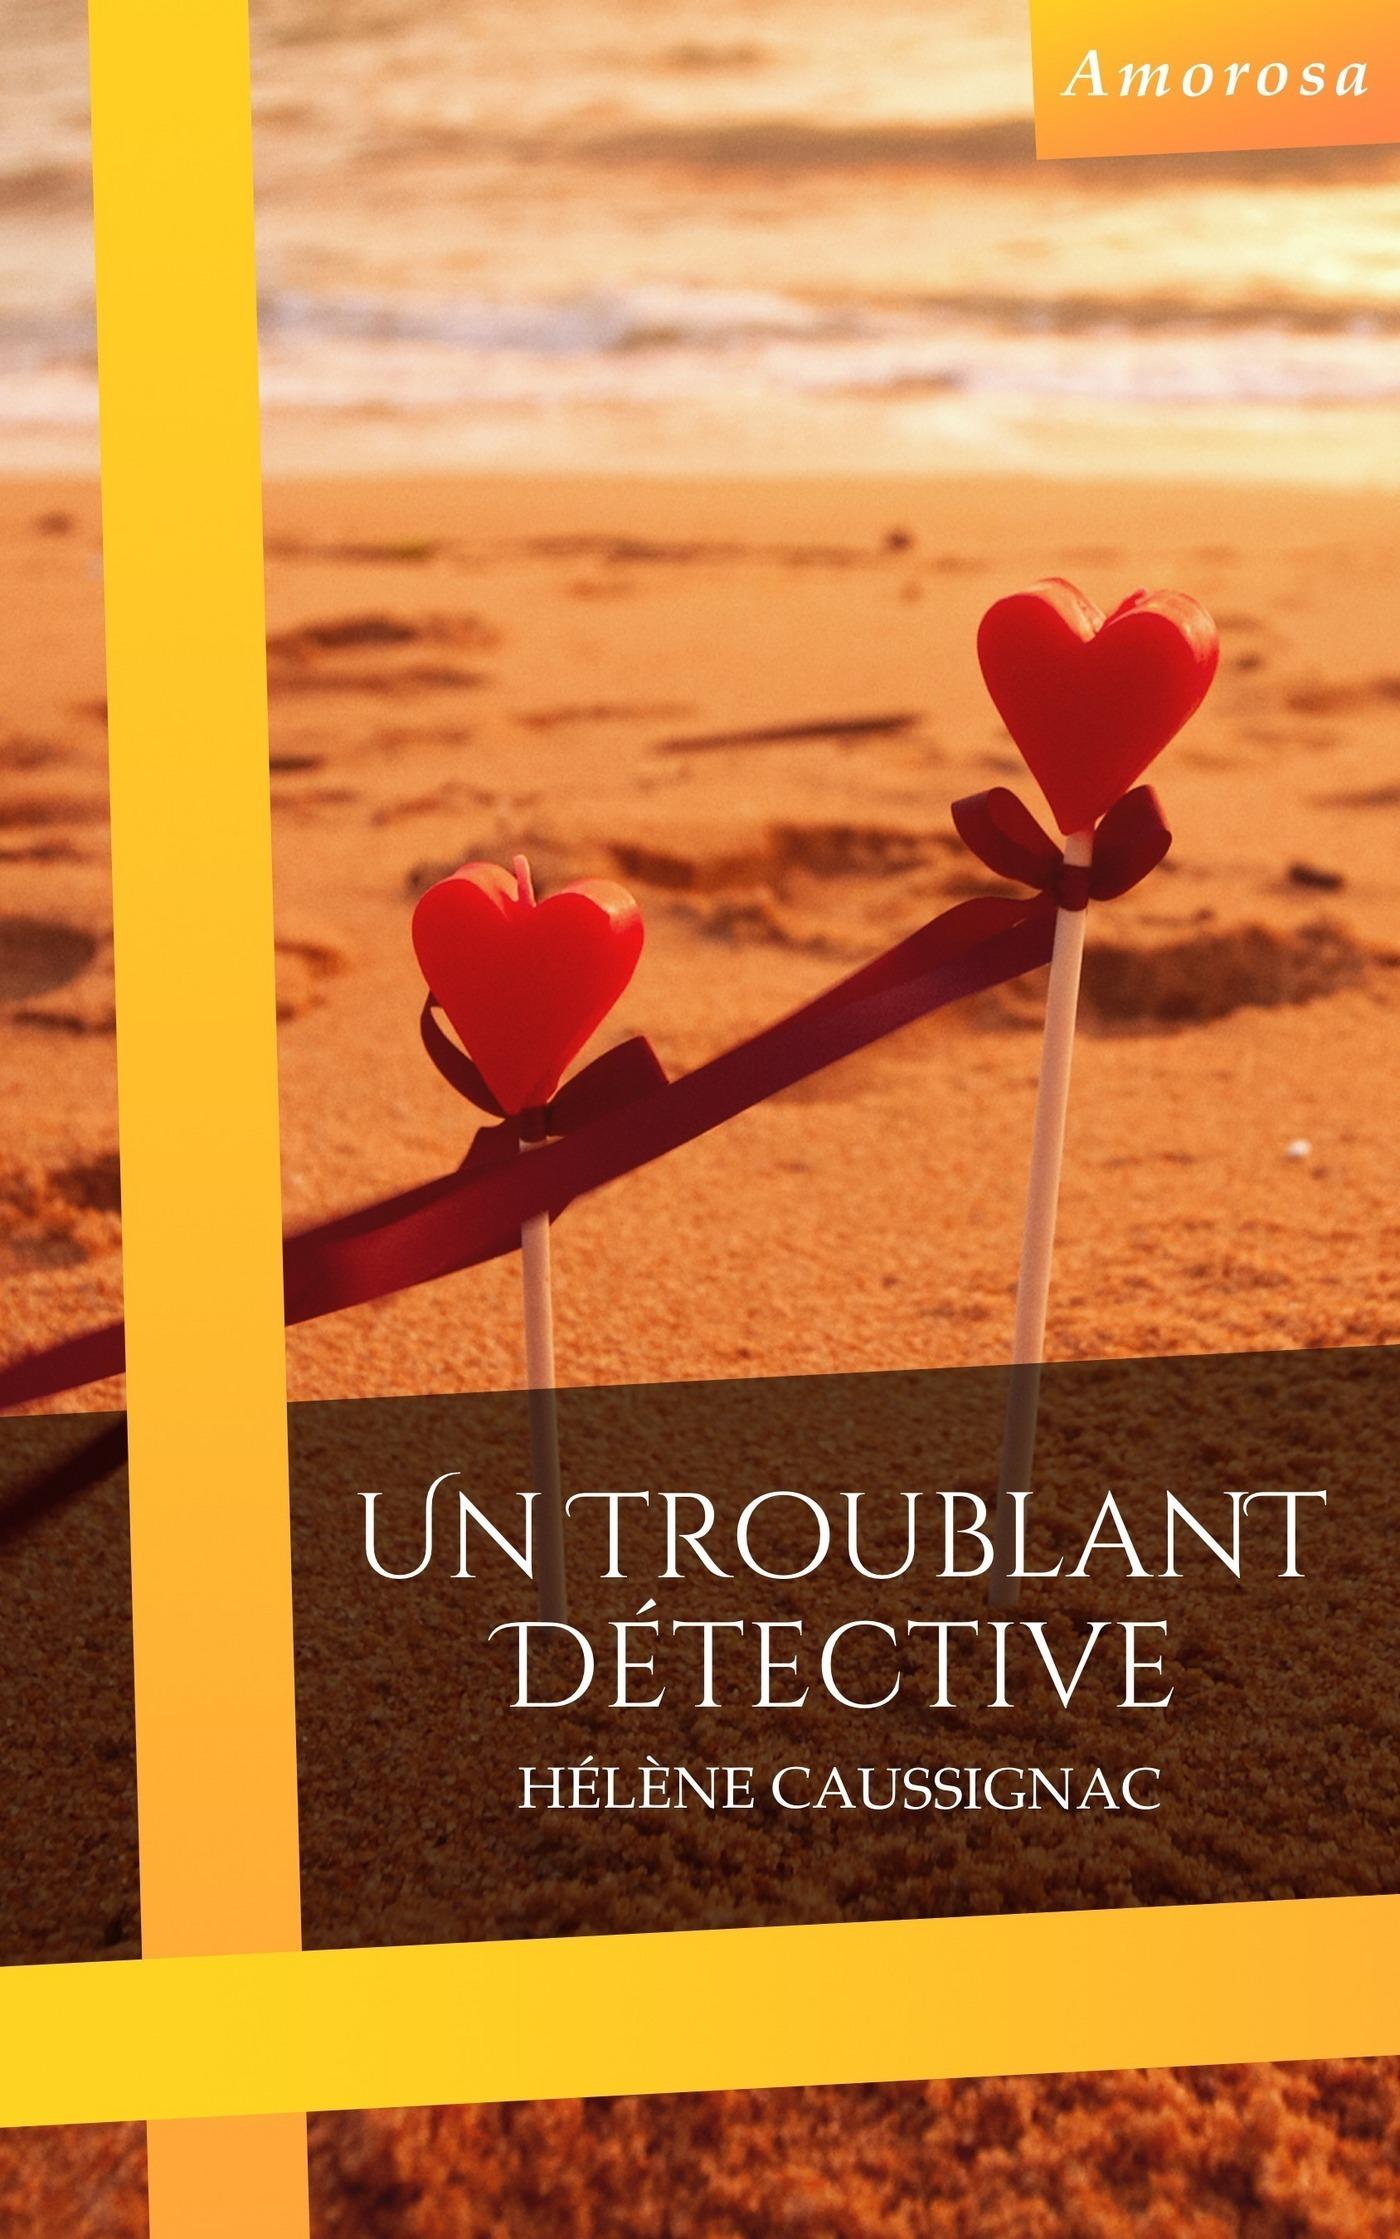 Un troublant détective